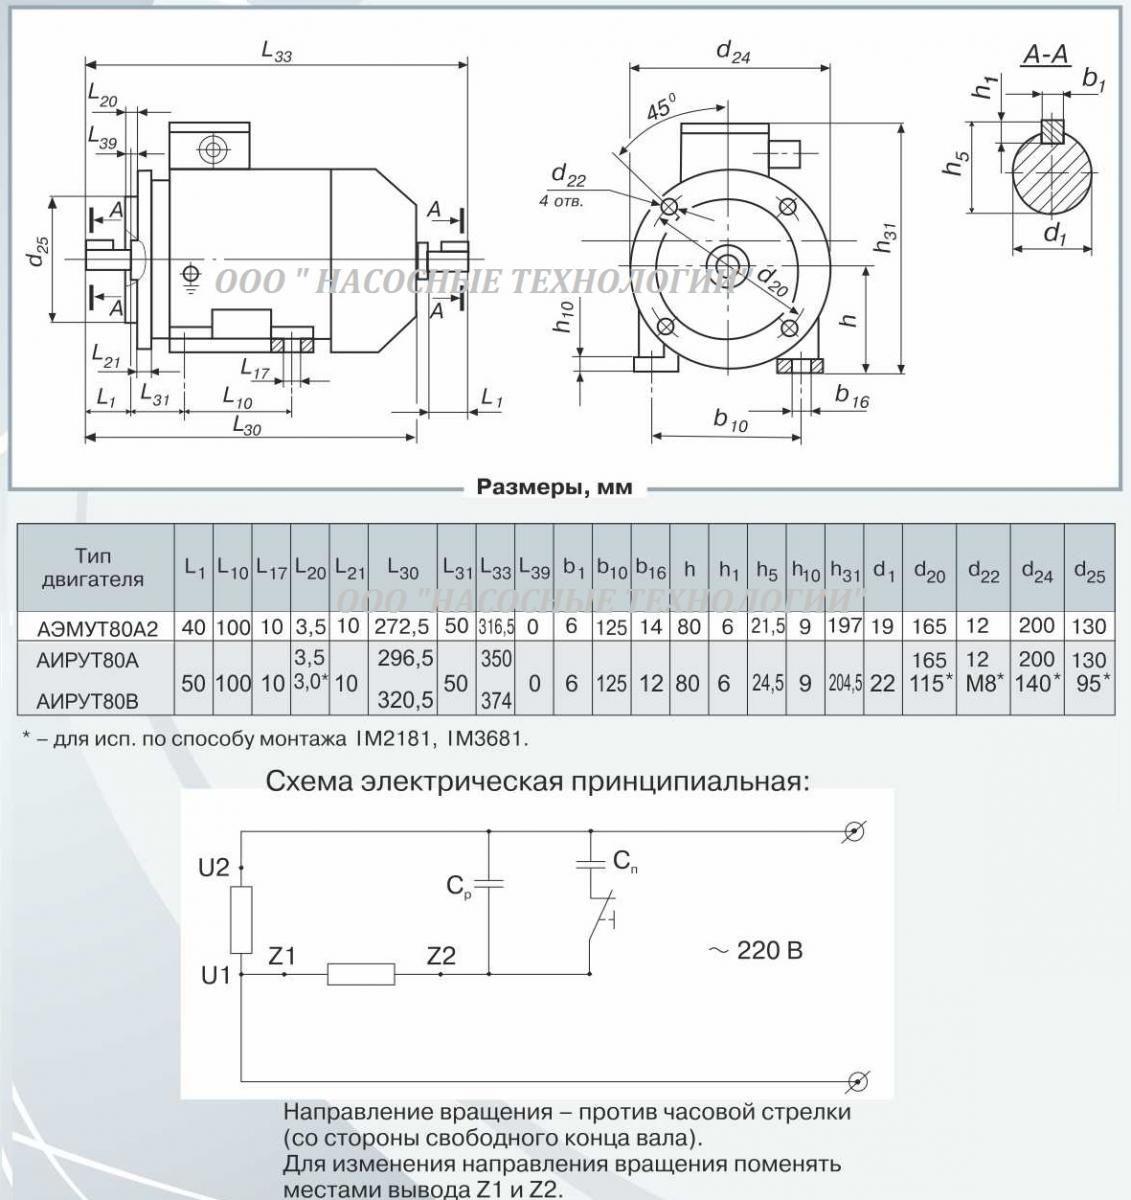 аэмут80а2 схема